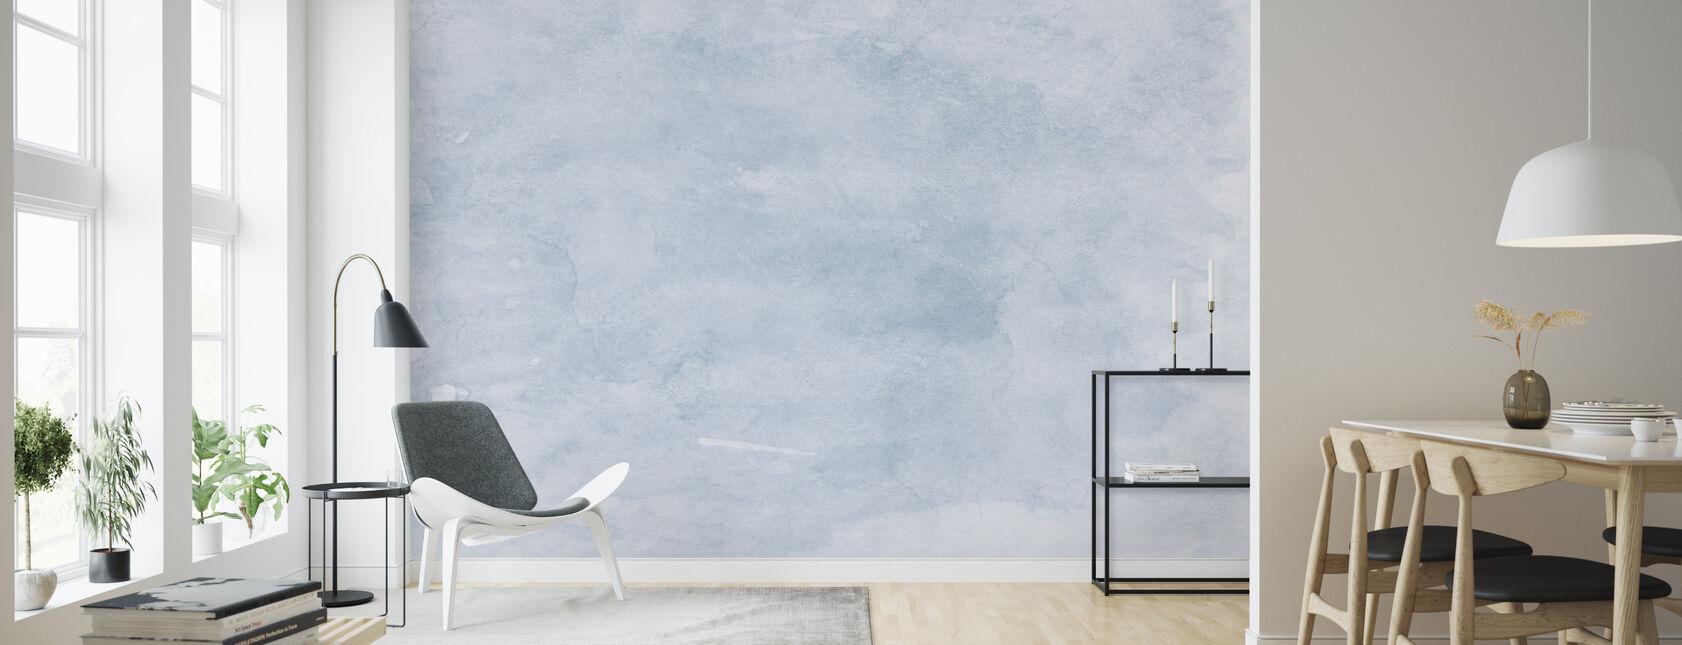 Watercolor Minimalism XVI - Wallpaper - Living Room